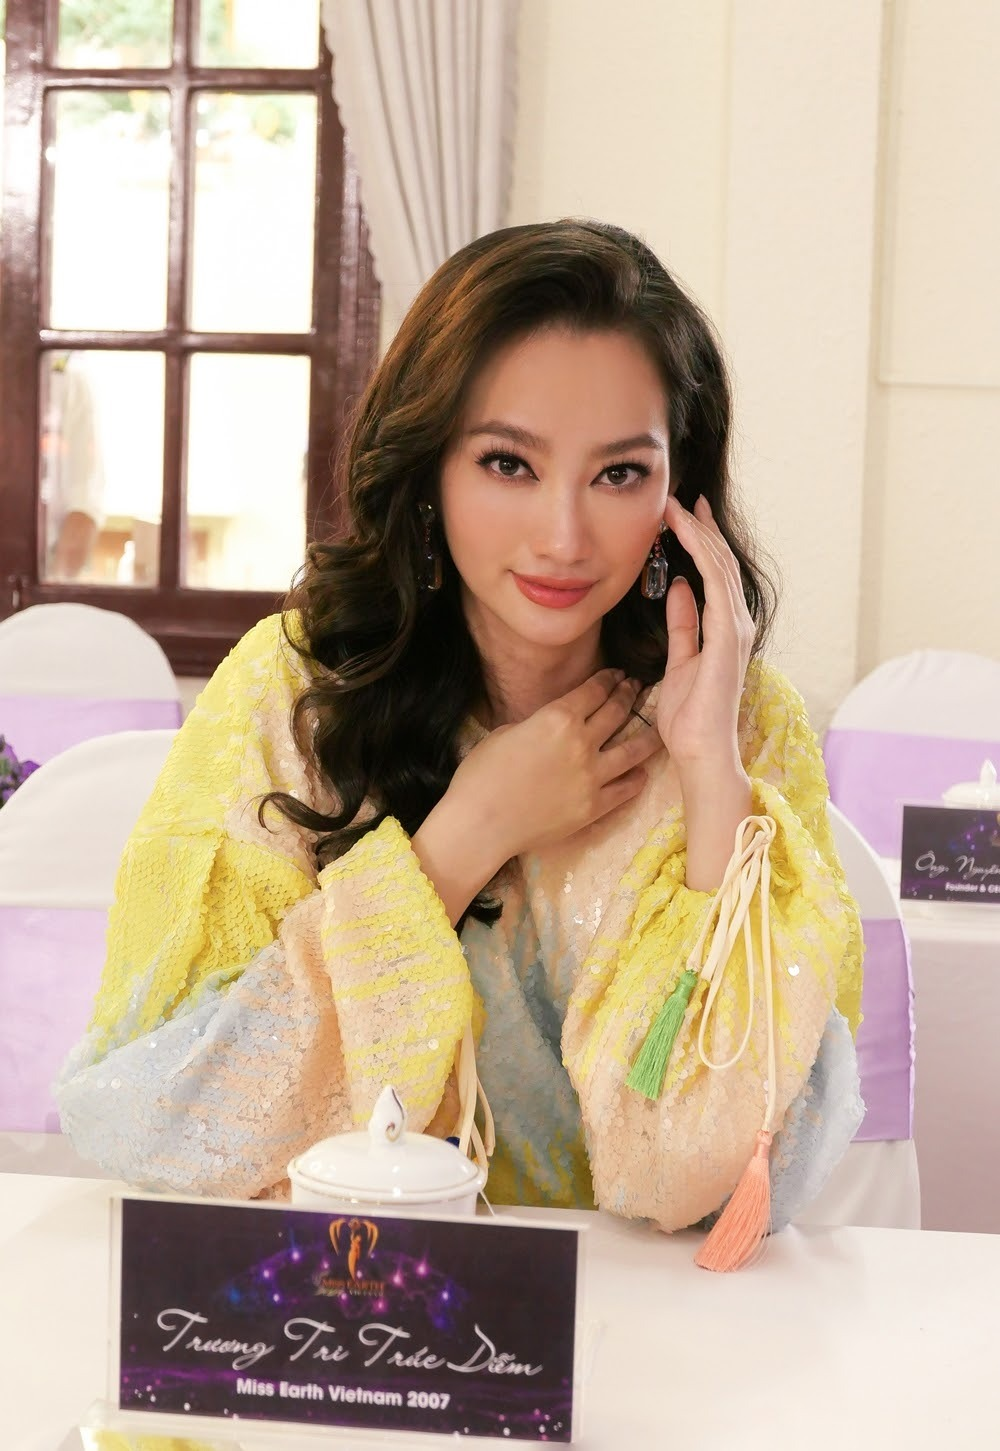 Trúc Diễm thừa nhận điểm hạn chế khi đại diện Việt Nam thi Miss Earth 2007